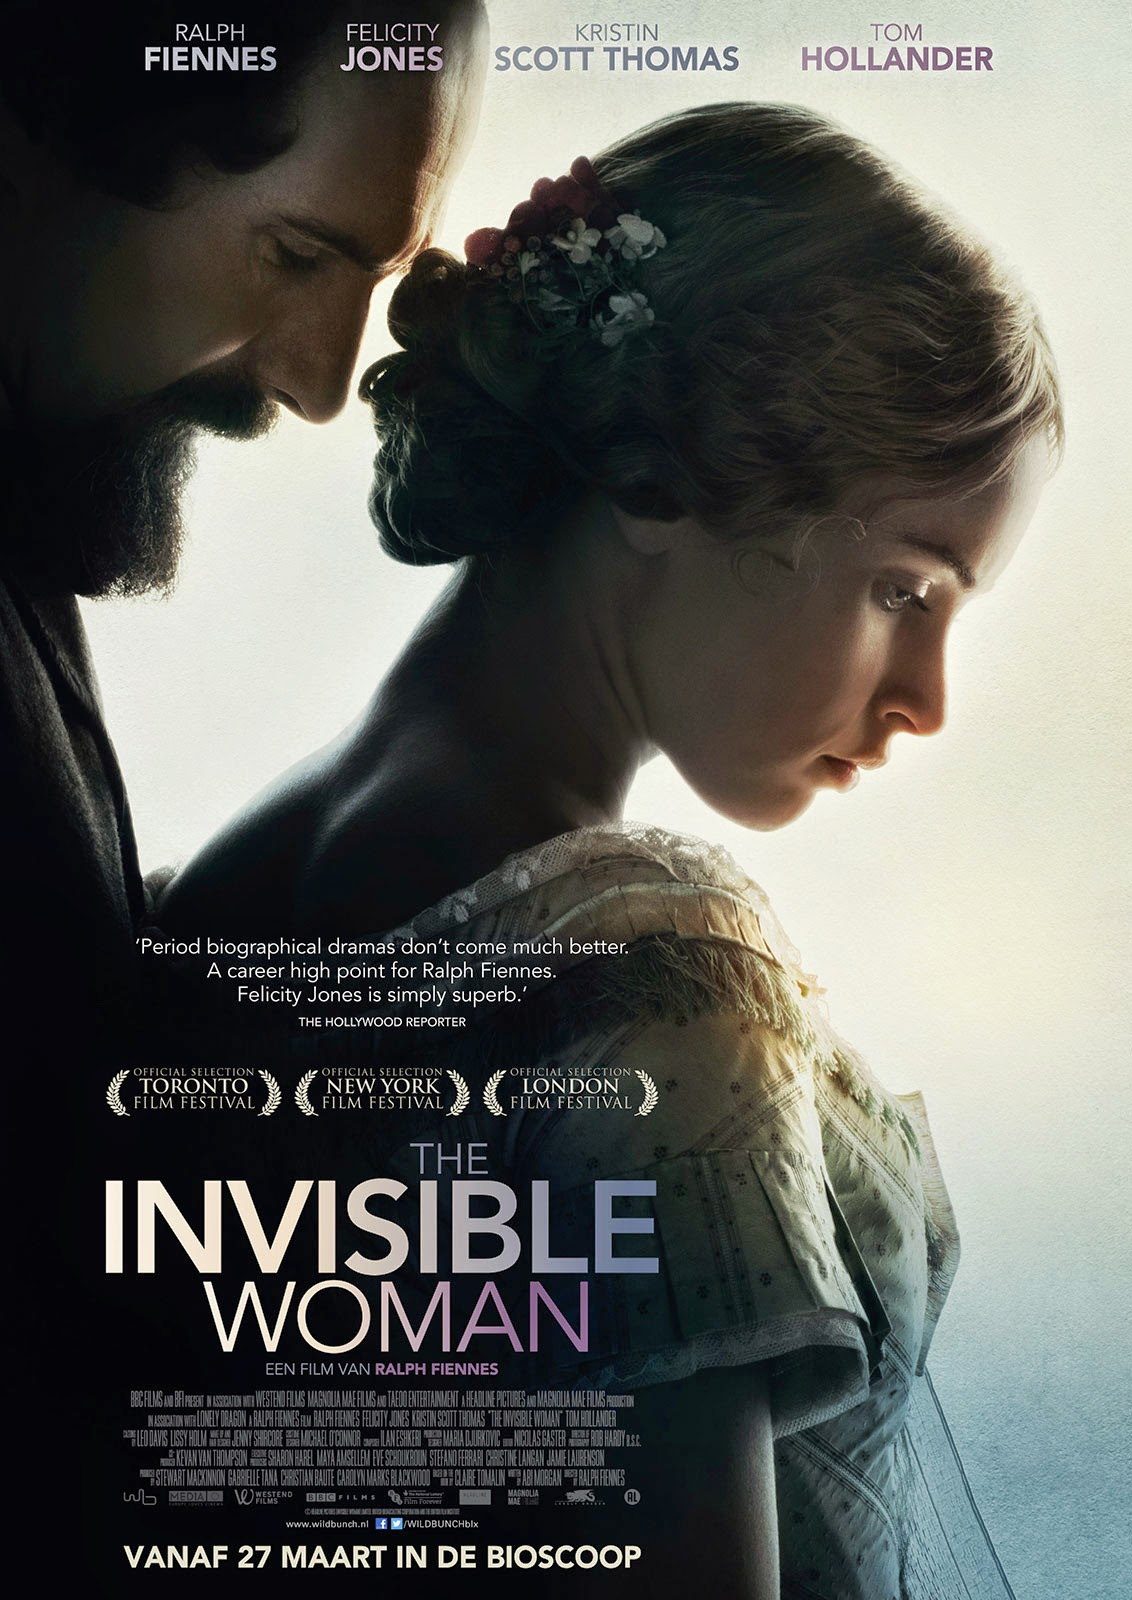 There is no InvisibleGirl